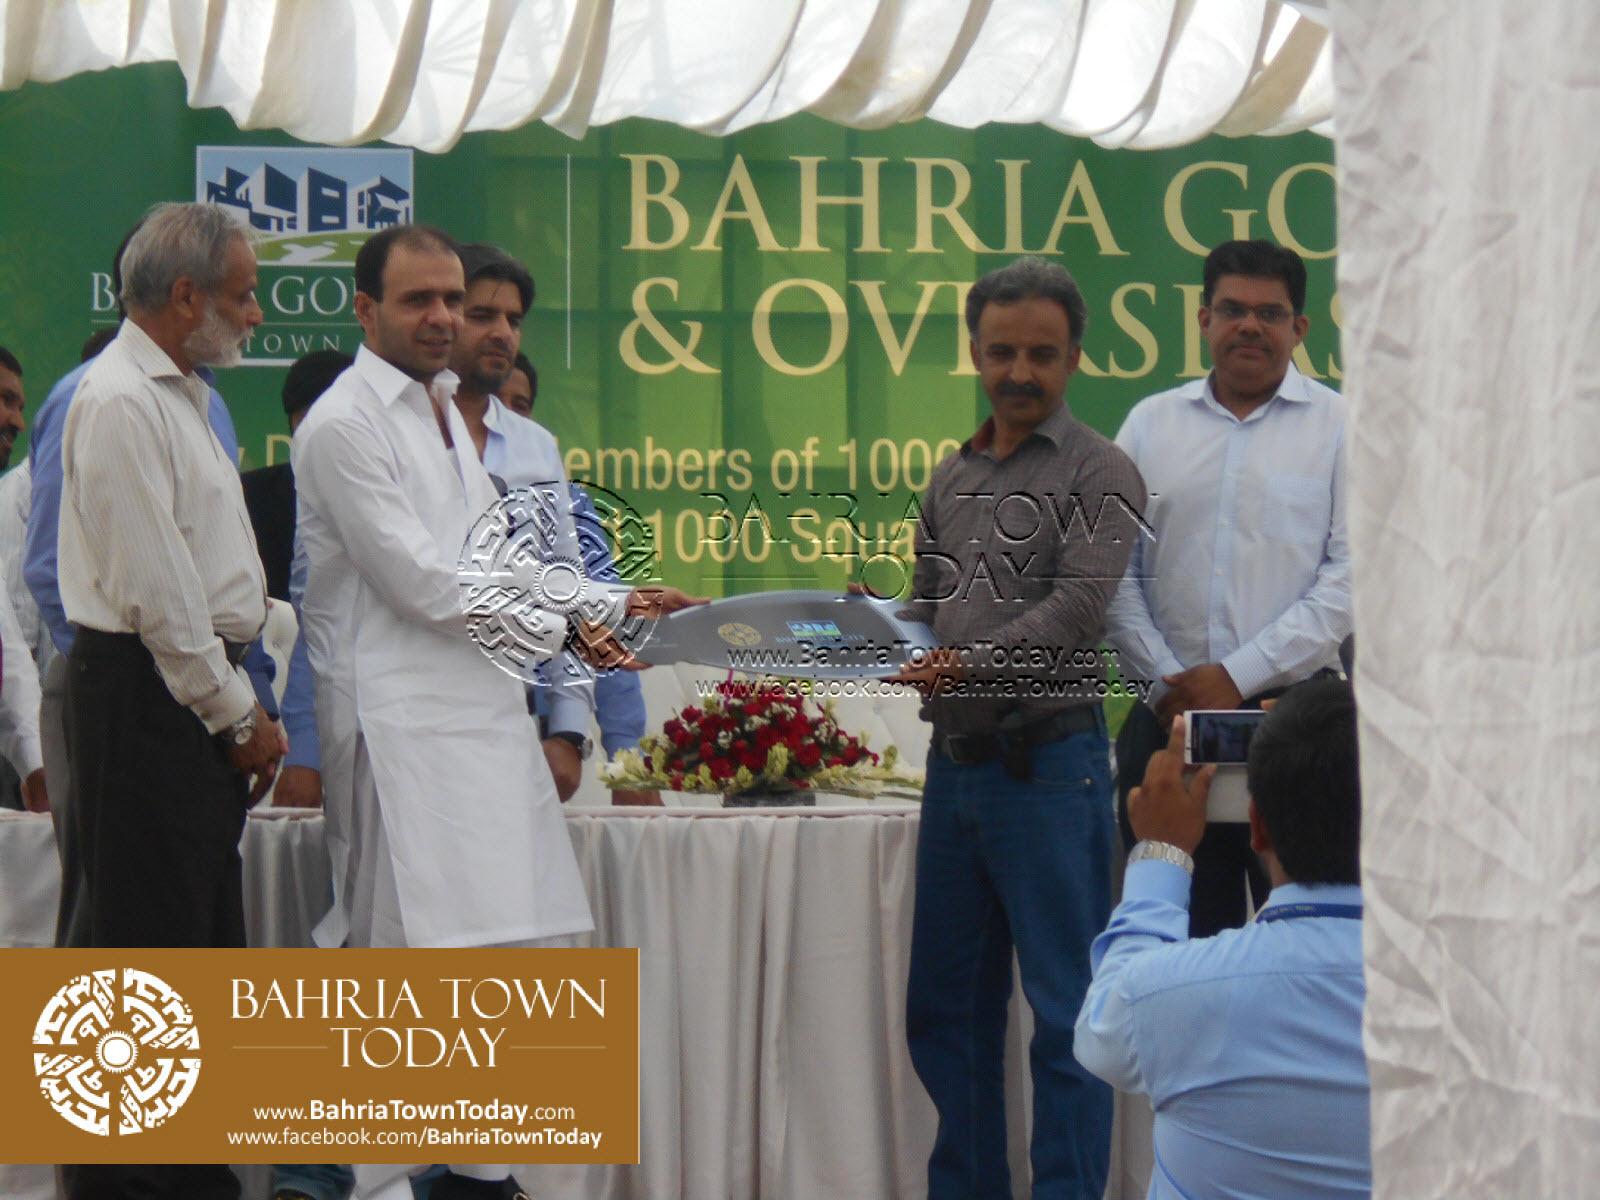 Bahria Golf City Karachi – Mercedes Benz Cars Balloting Results (66)